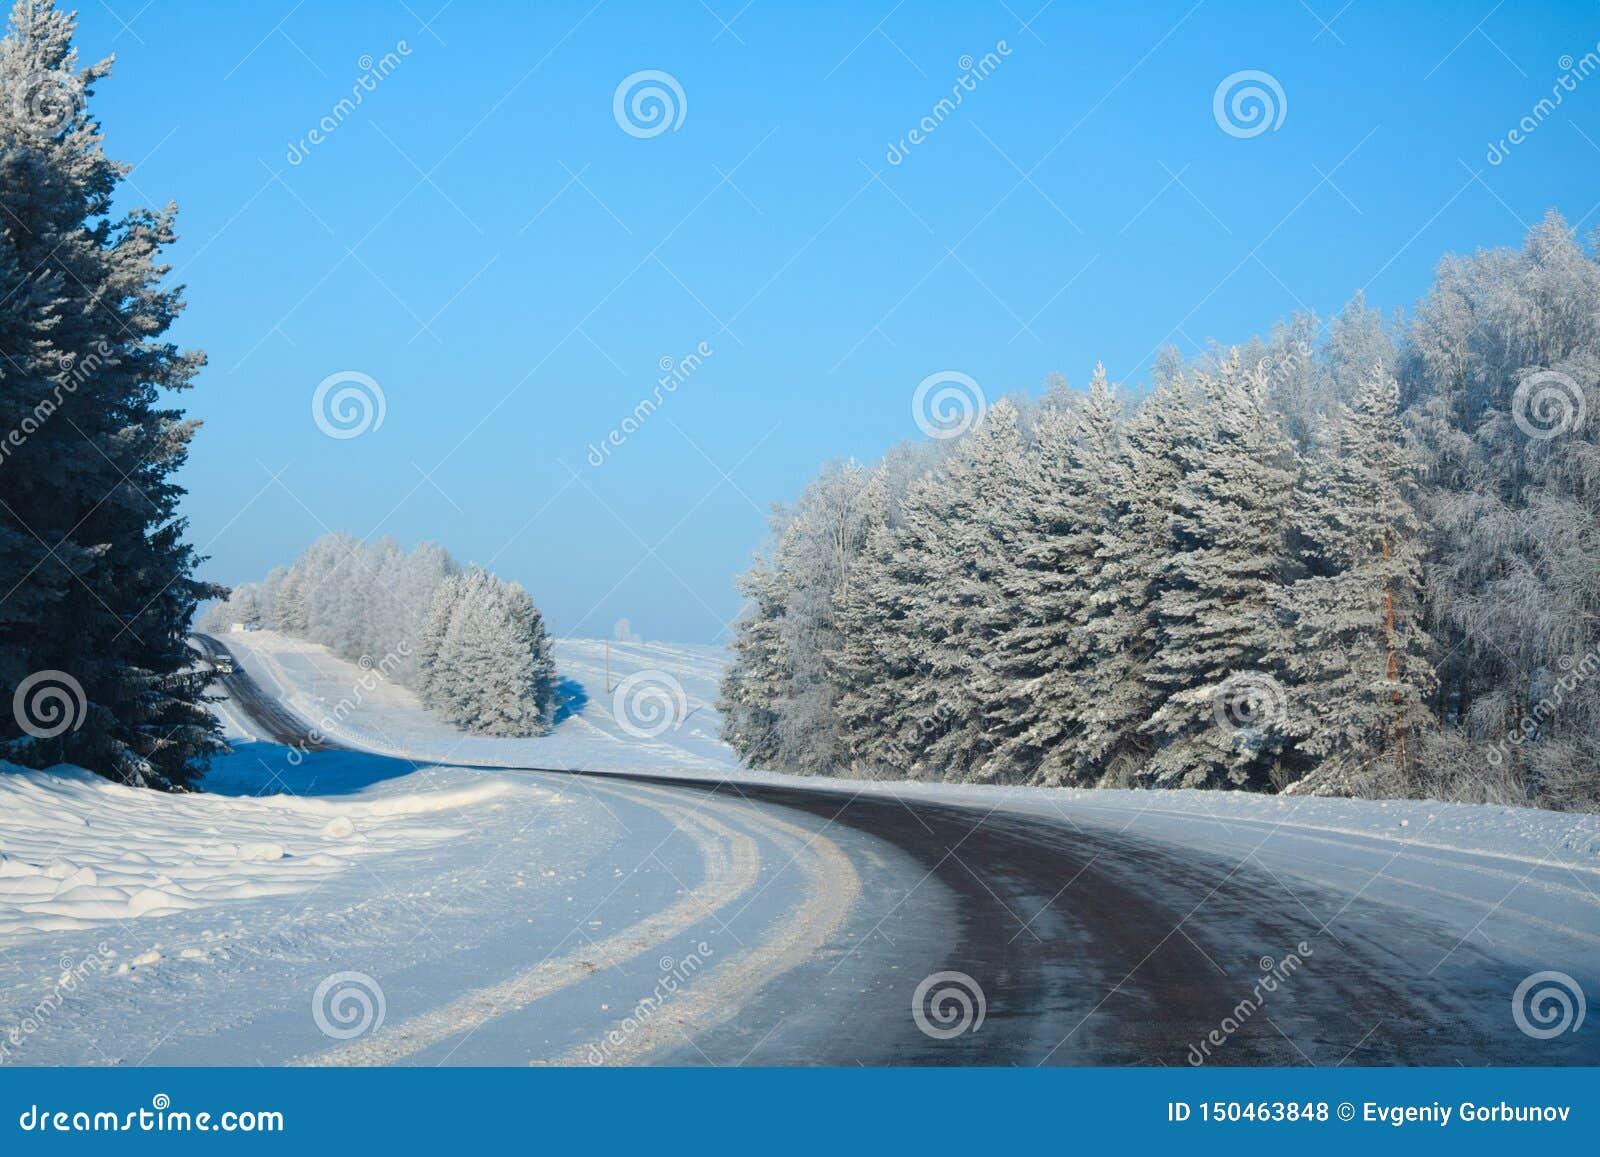 冬天农村高速公路在冷淡的天